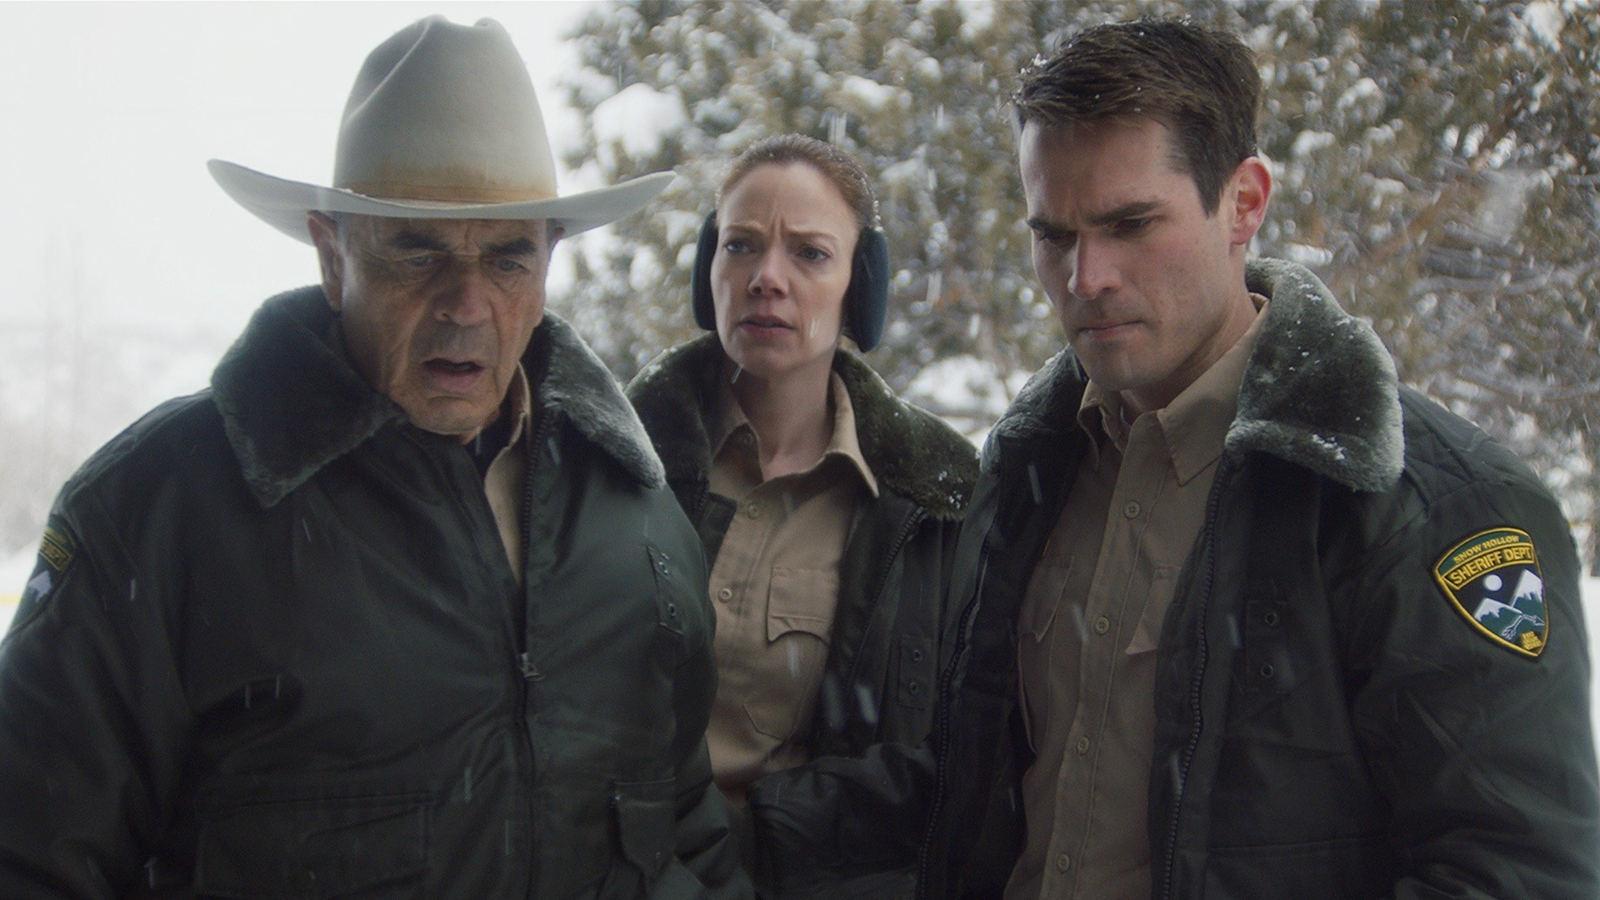 冰雪小镇命案不断,是狼人还是凶恶杀手?最新怪物电影